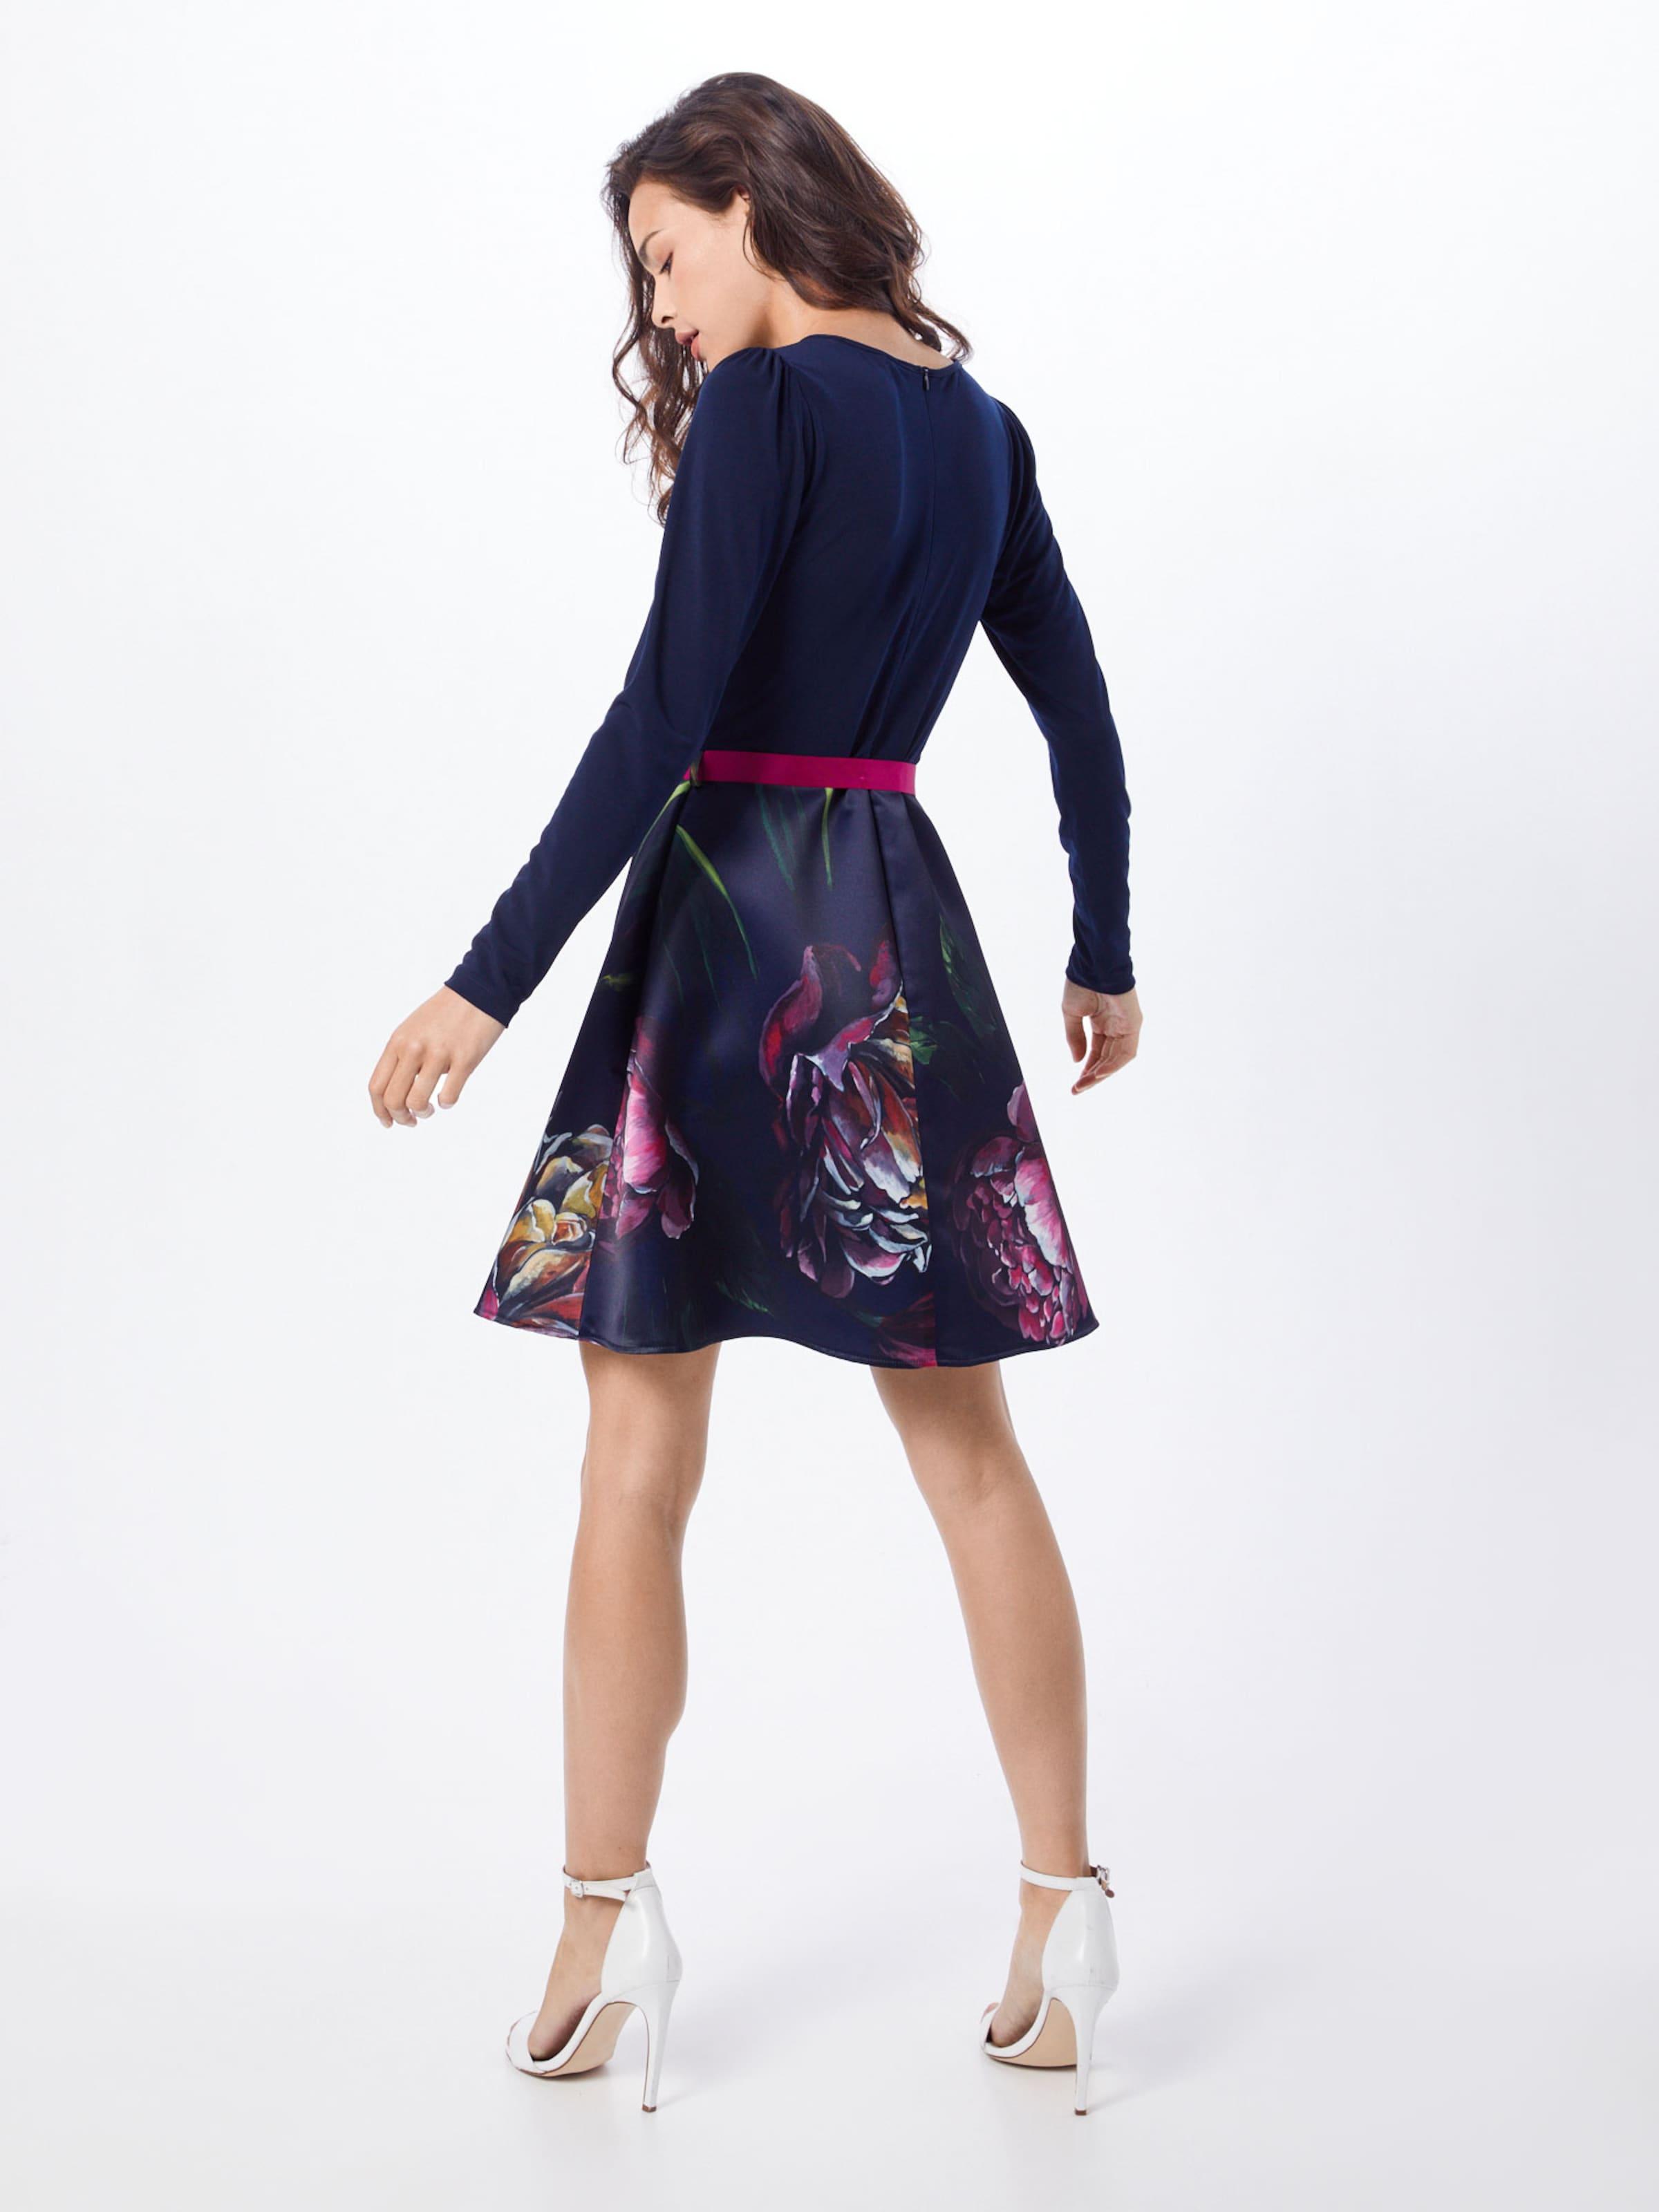 Swing Swing Kleid Schwarz Kleid In Kleid Swing In BlauMischfarben In Schwarz BlauMischfarben BlauMischfarben 7bgf6y